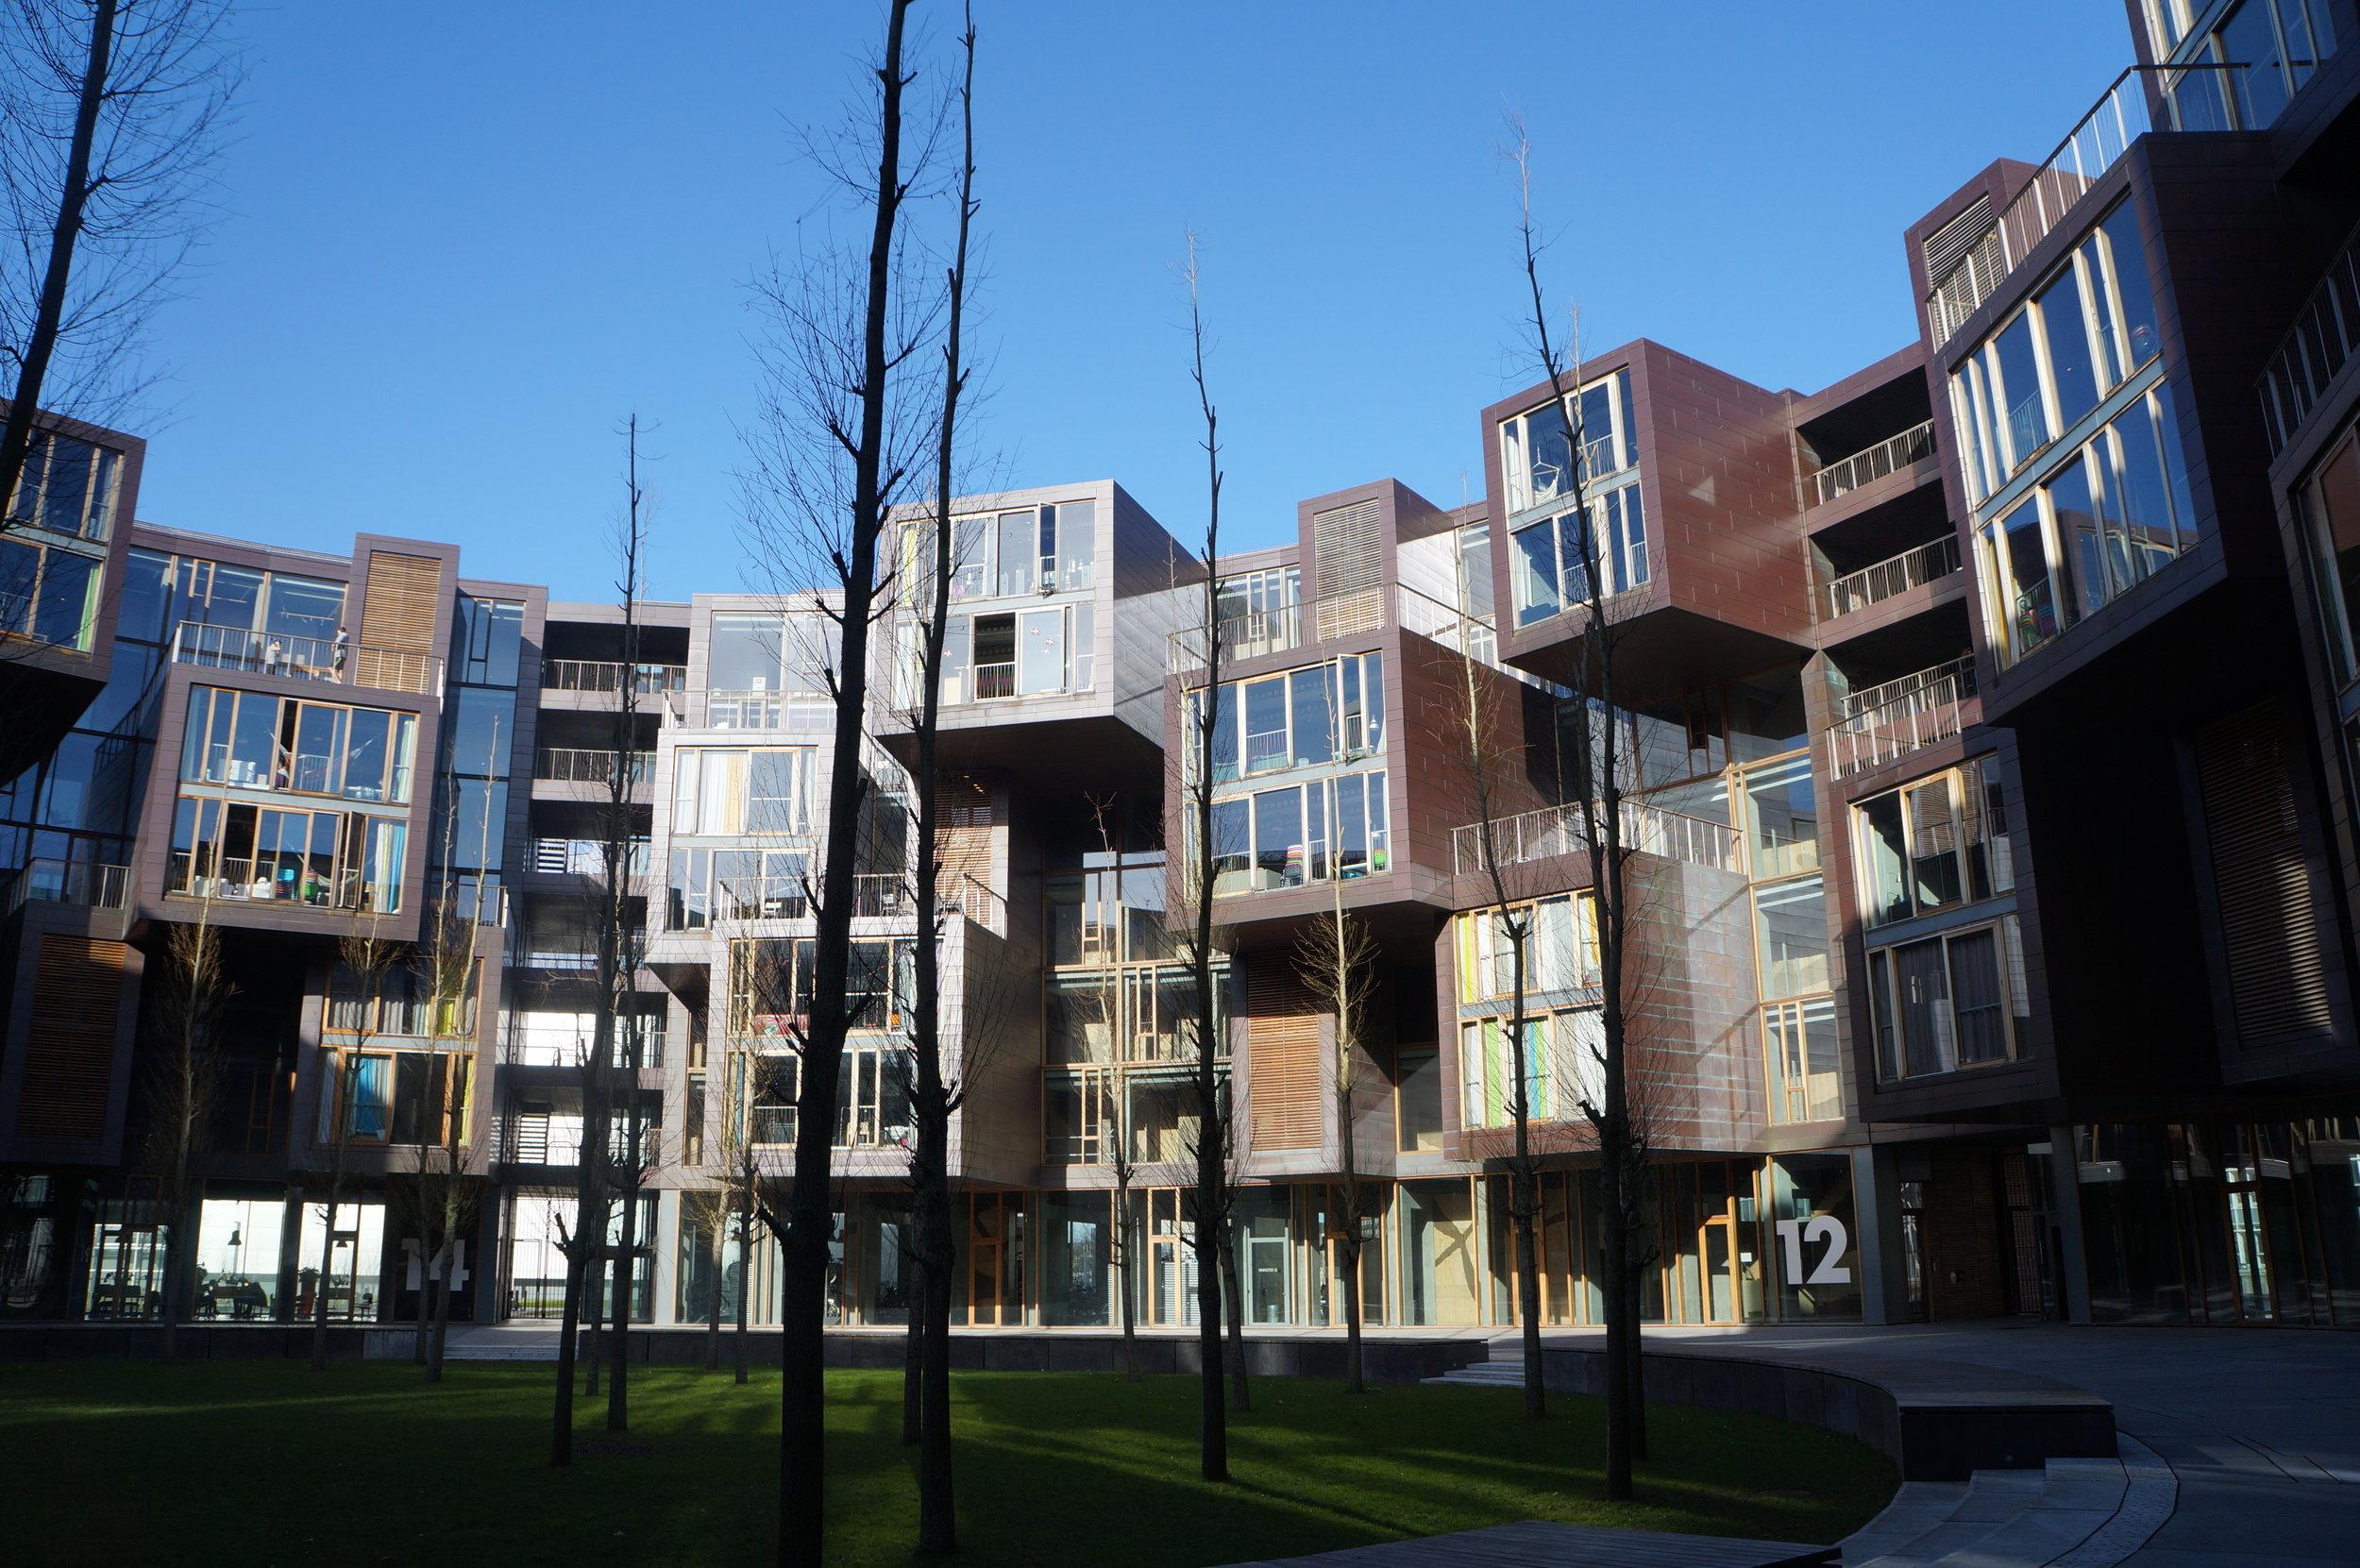 Tietgen Dormitory. Photo: Experience Ørestad